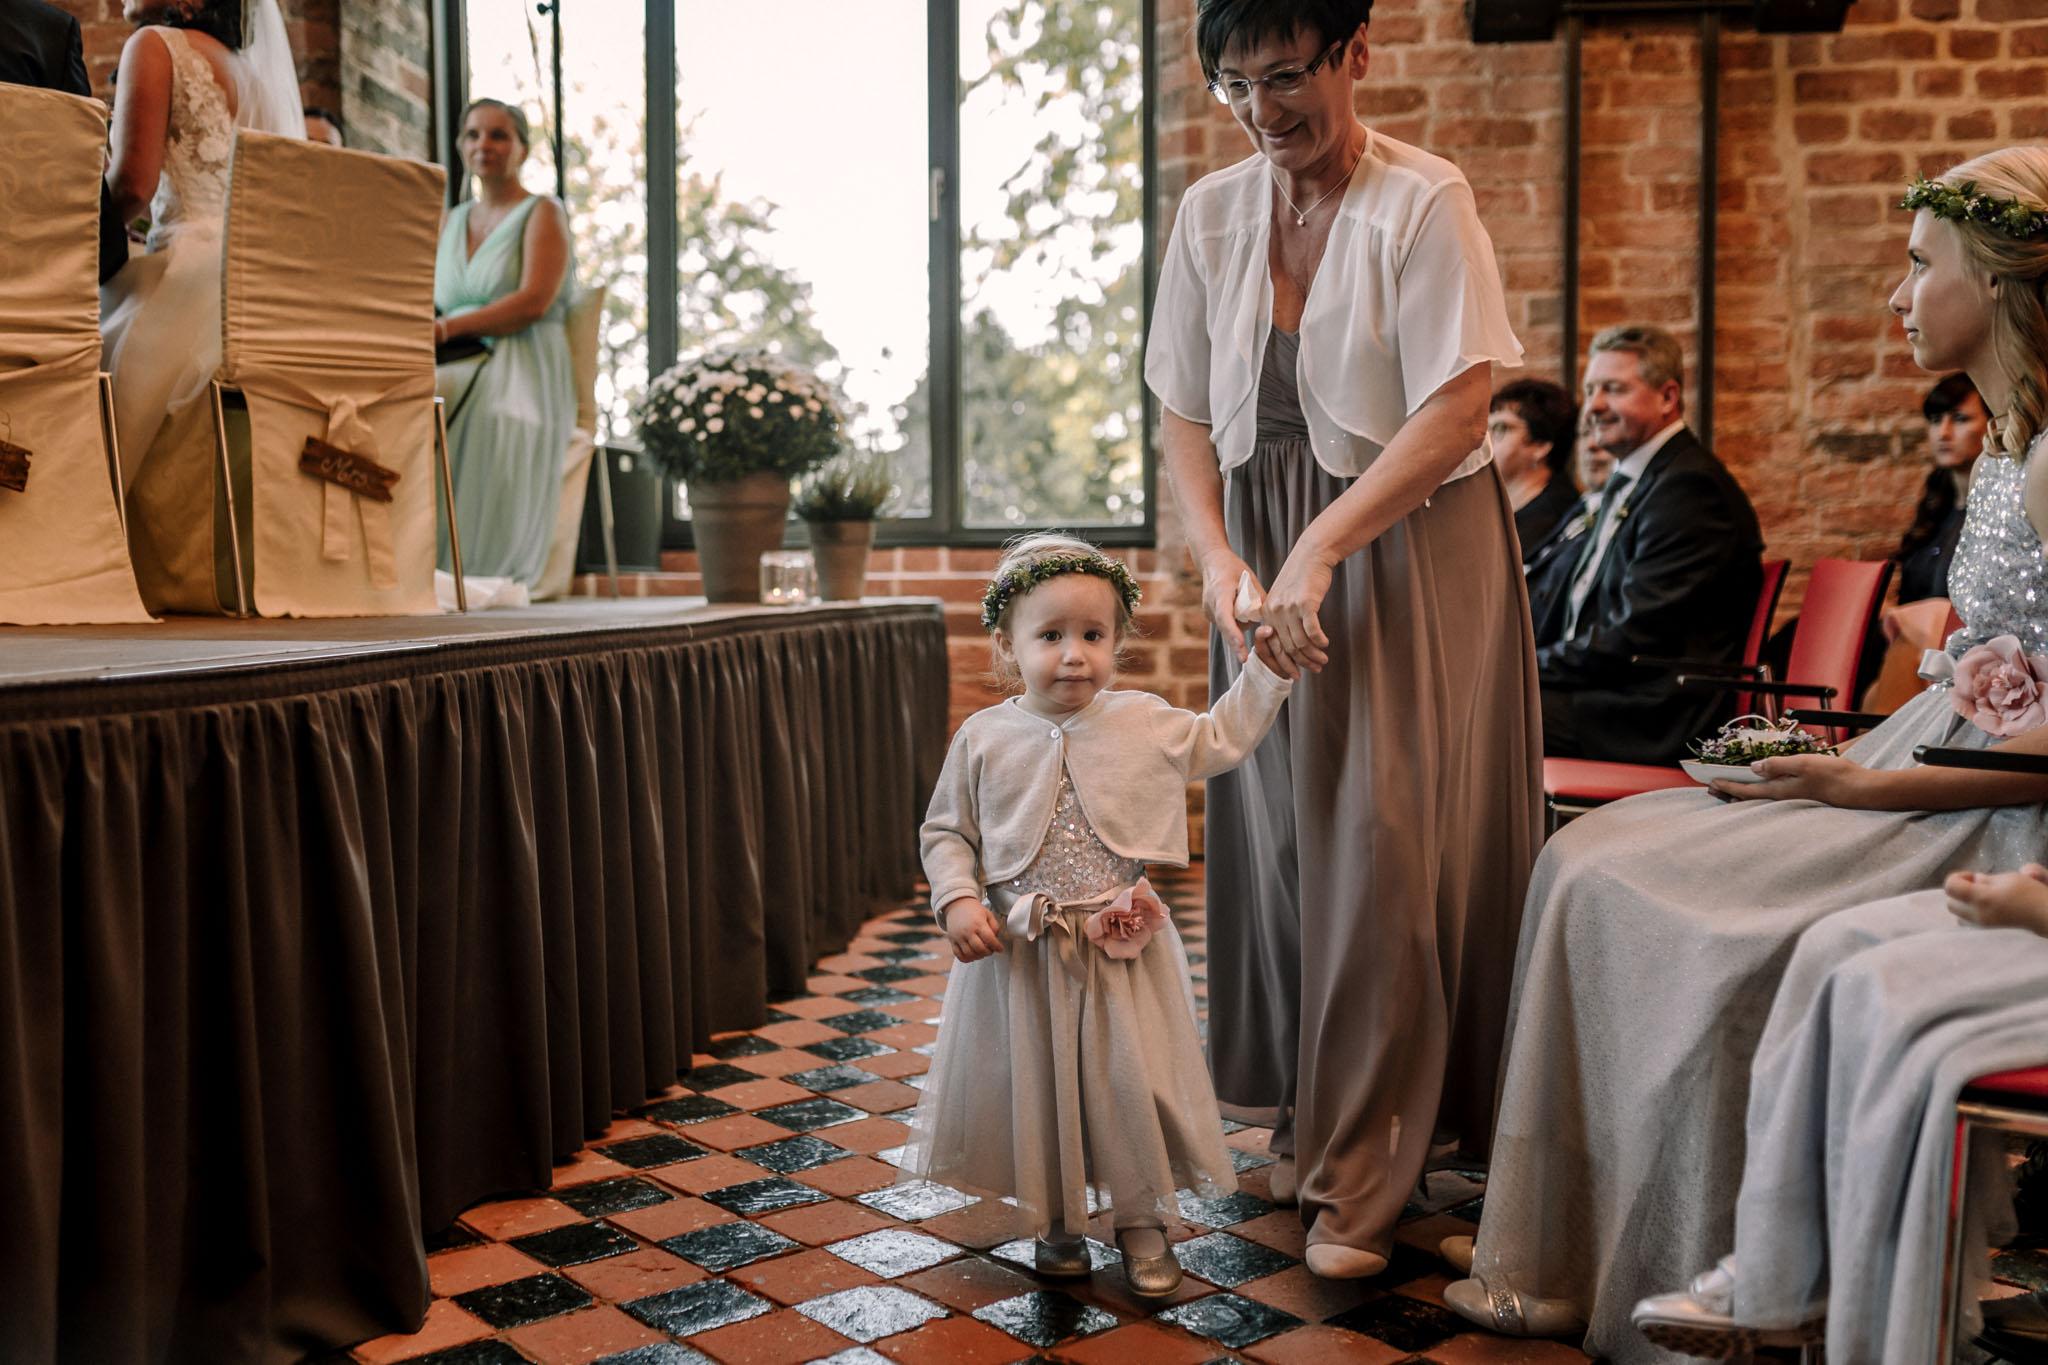 Hochzeitsfieber by Photo-Schomburg, Hochzeitsfotograf, Hamburg,Hochzeitstag, Hochzeitspaar, Braut, Bräutigam, Literaturhauscafe Zarrentin-26